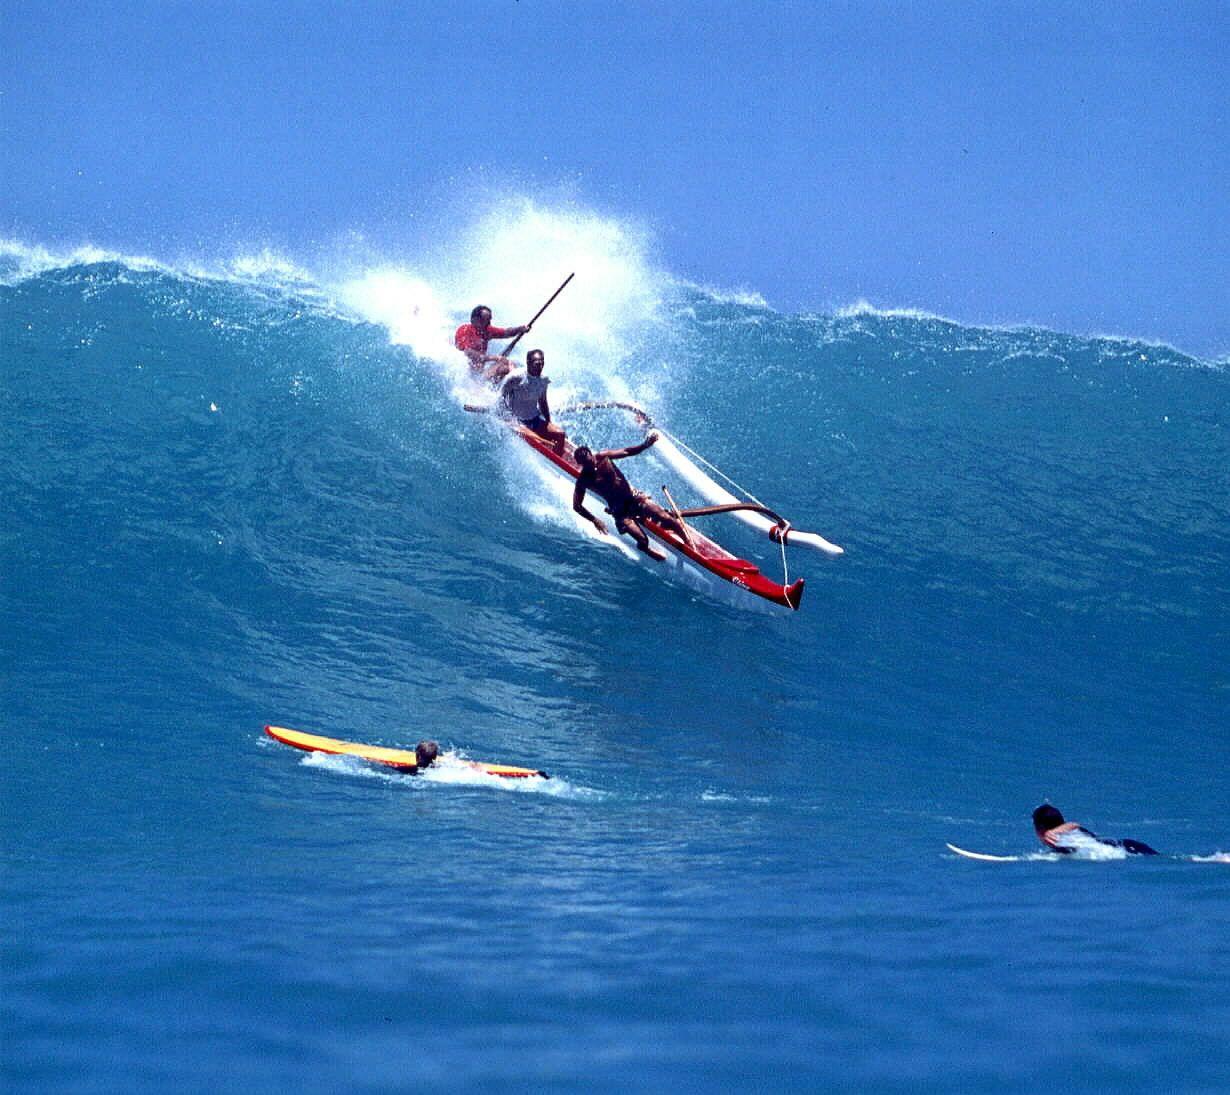 LEGENDARY SURFER Fred Hemmings Surfing Types